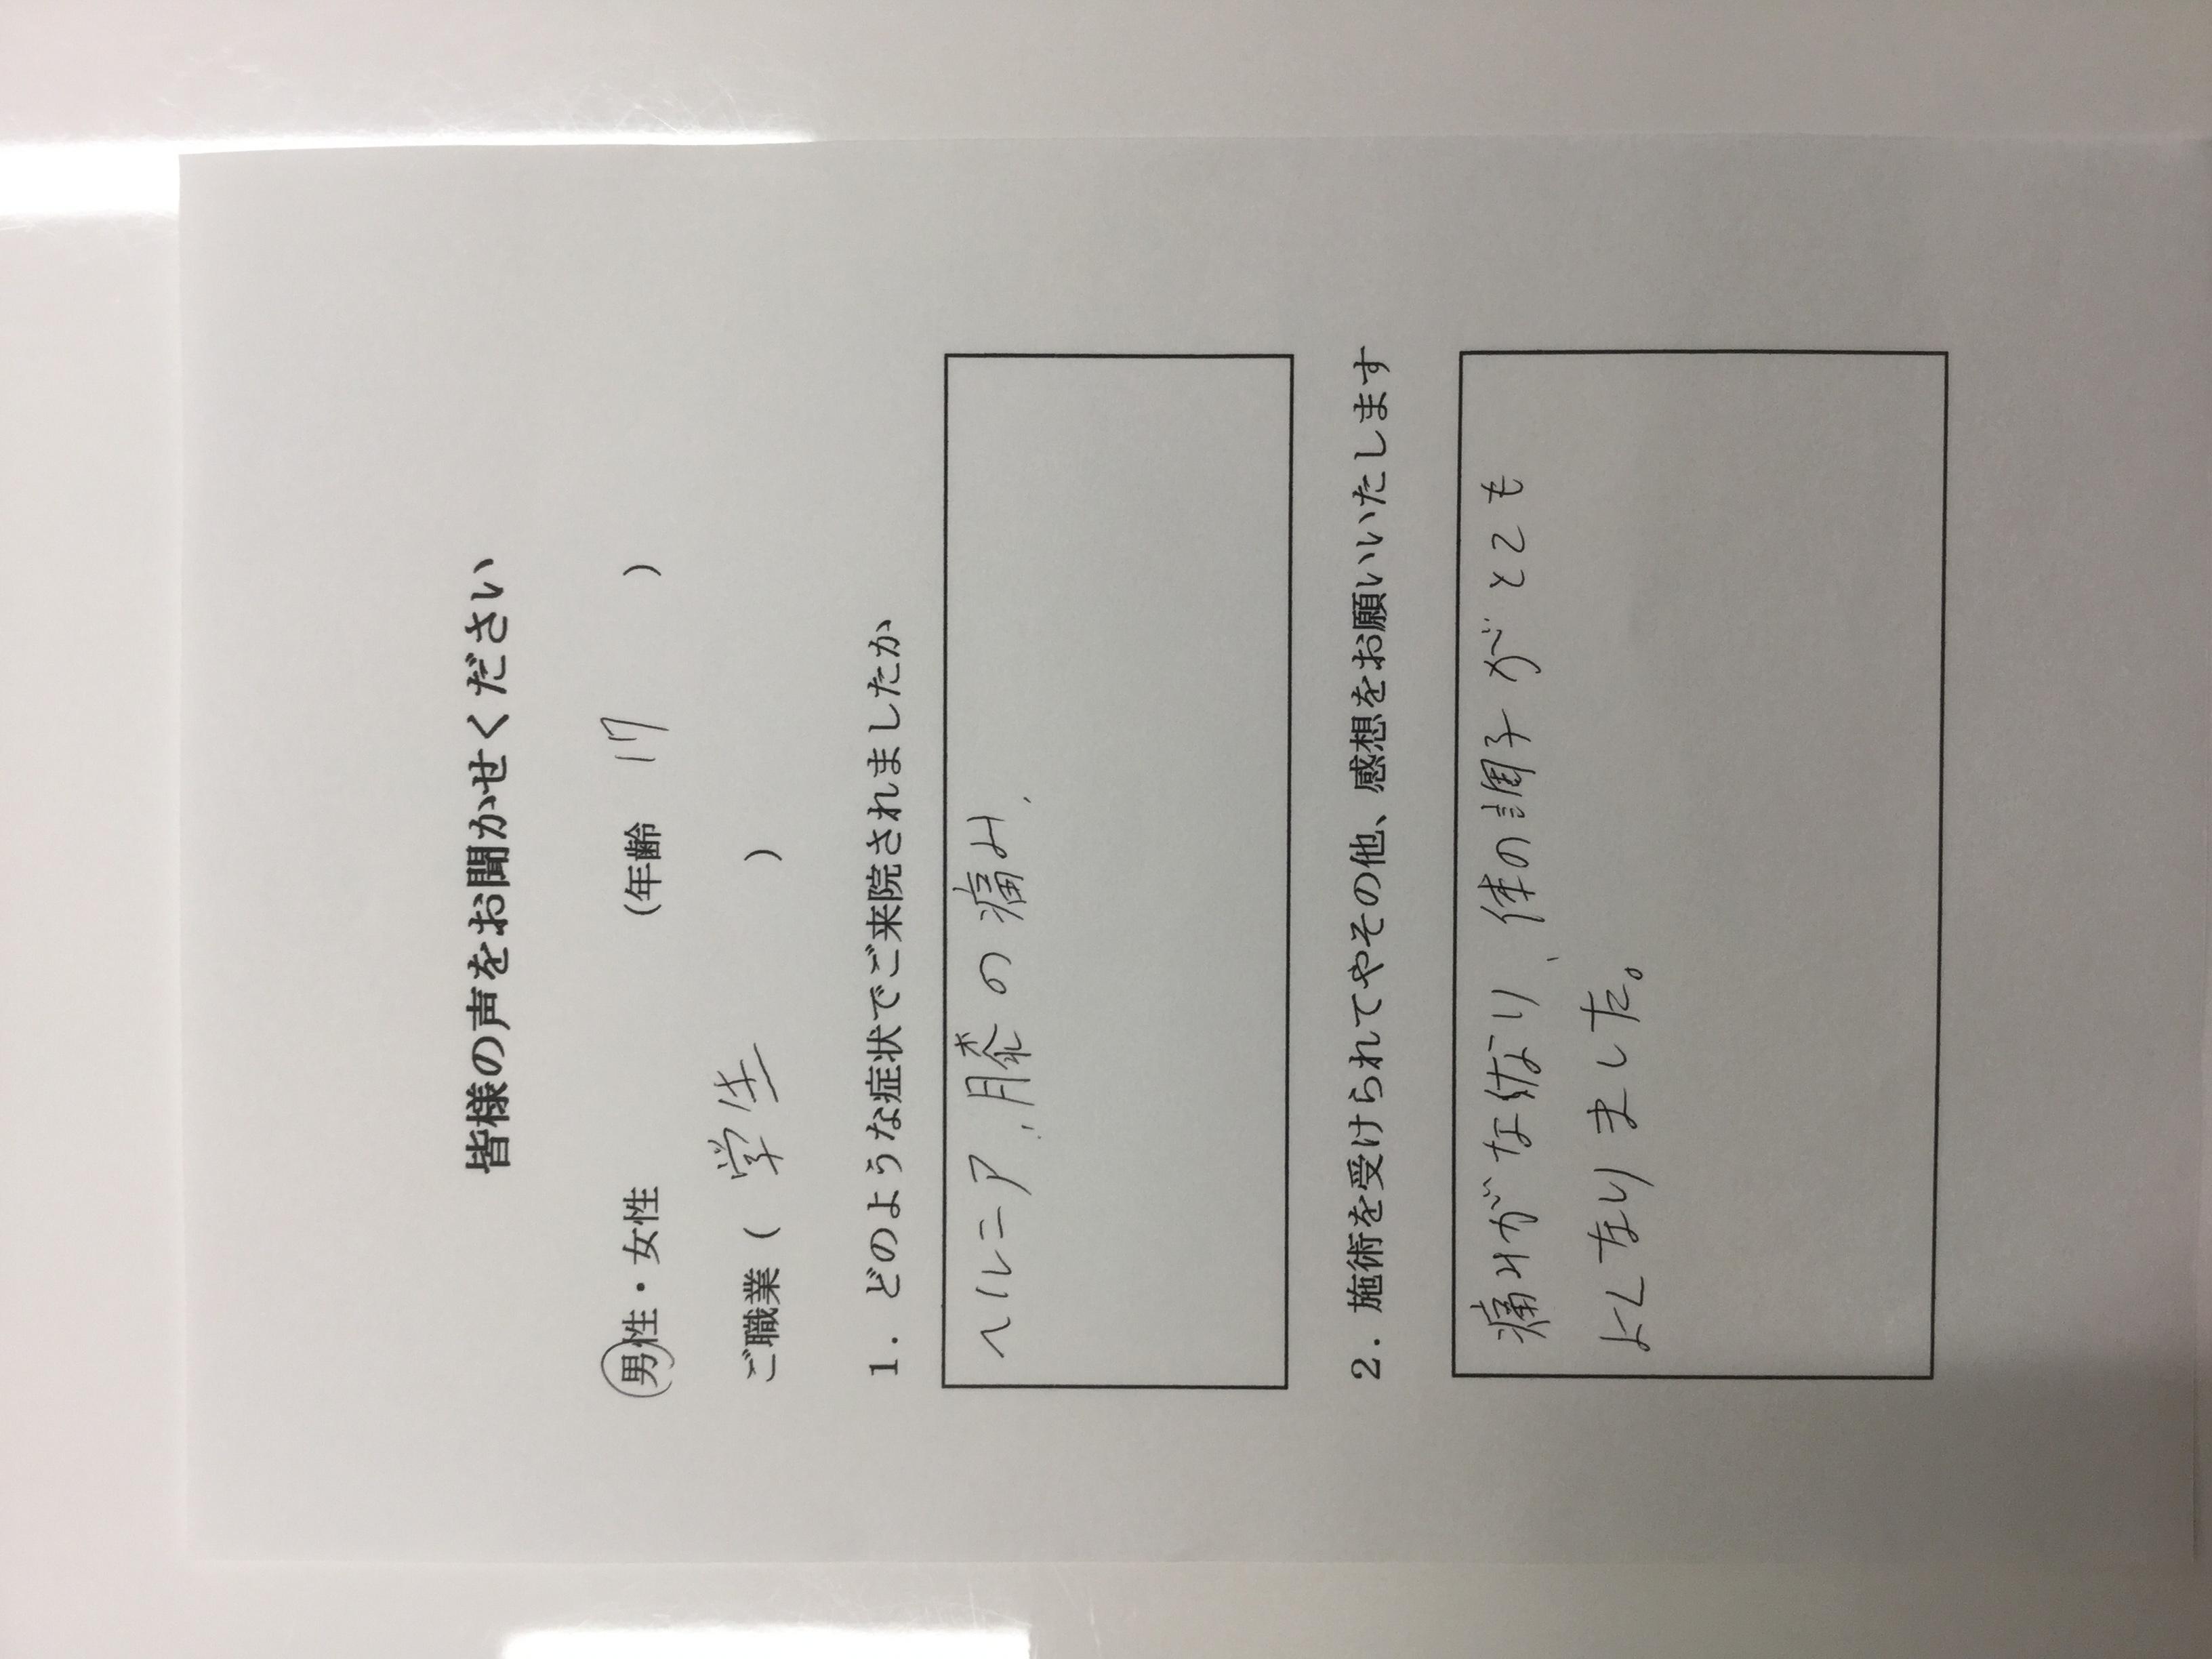 EBD885A0-24EE-4A60-9BD8-D5771A0E57CF